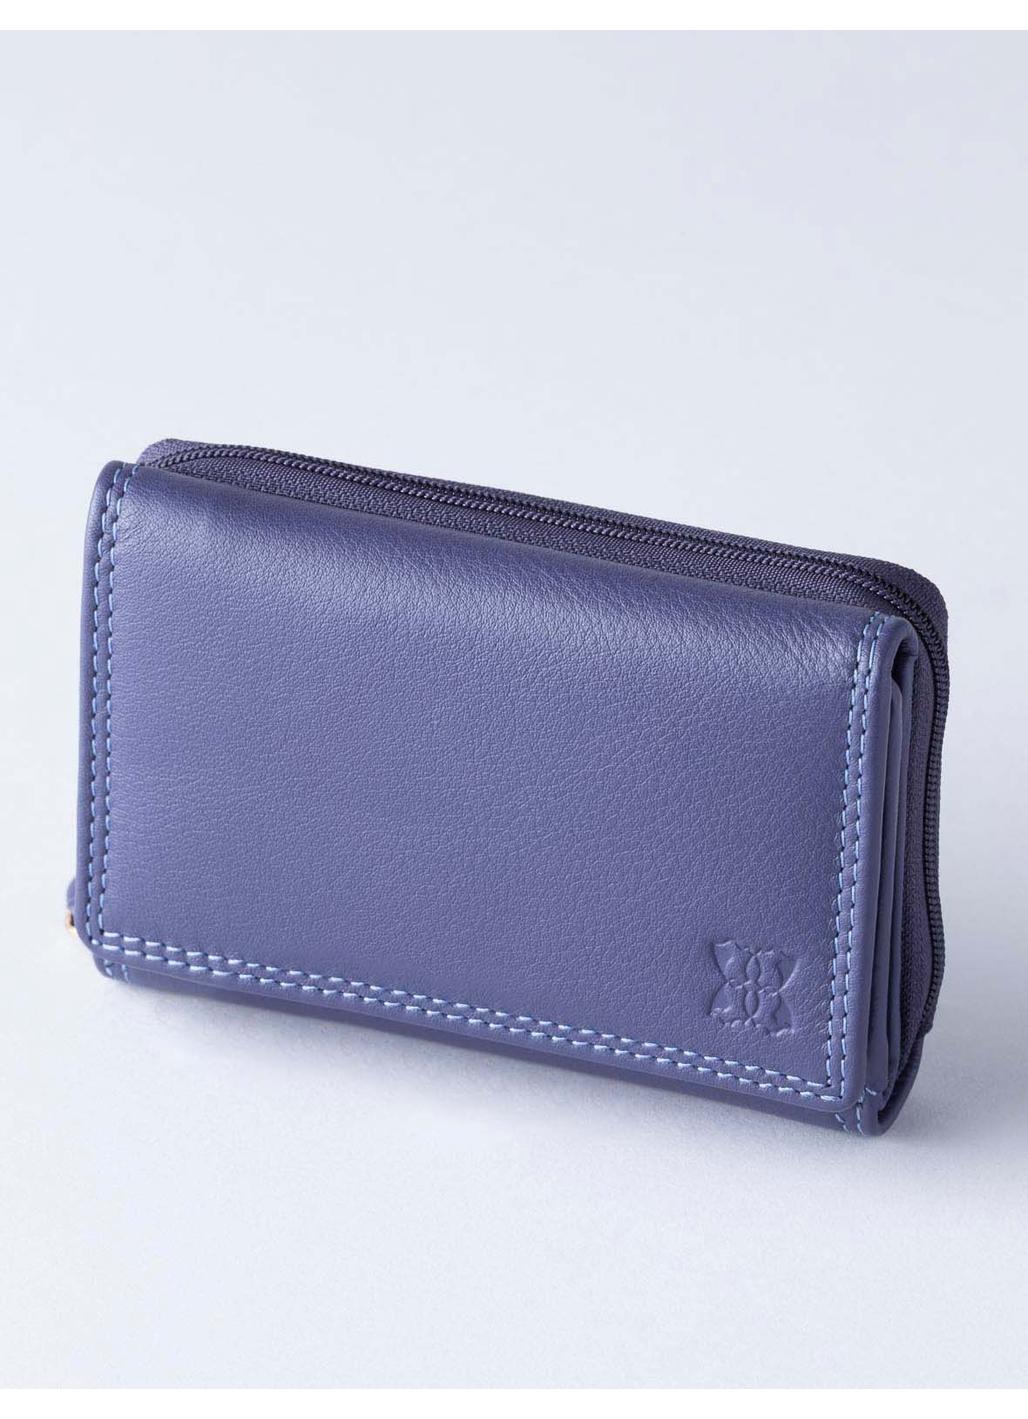 12.5cm Leather Purse in Purple